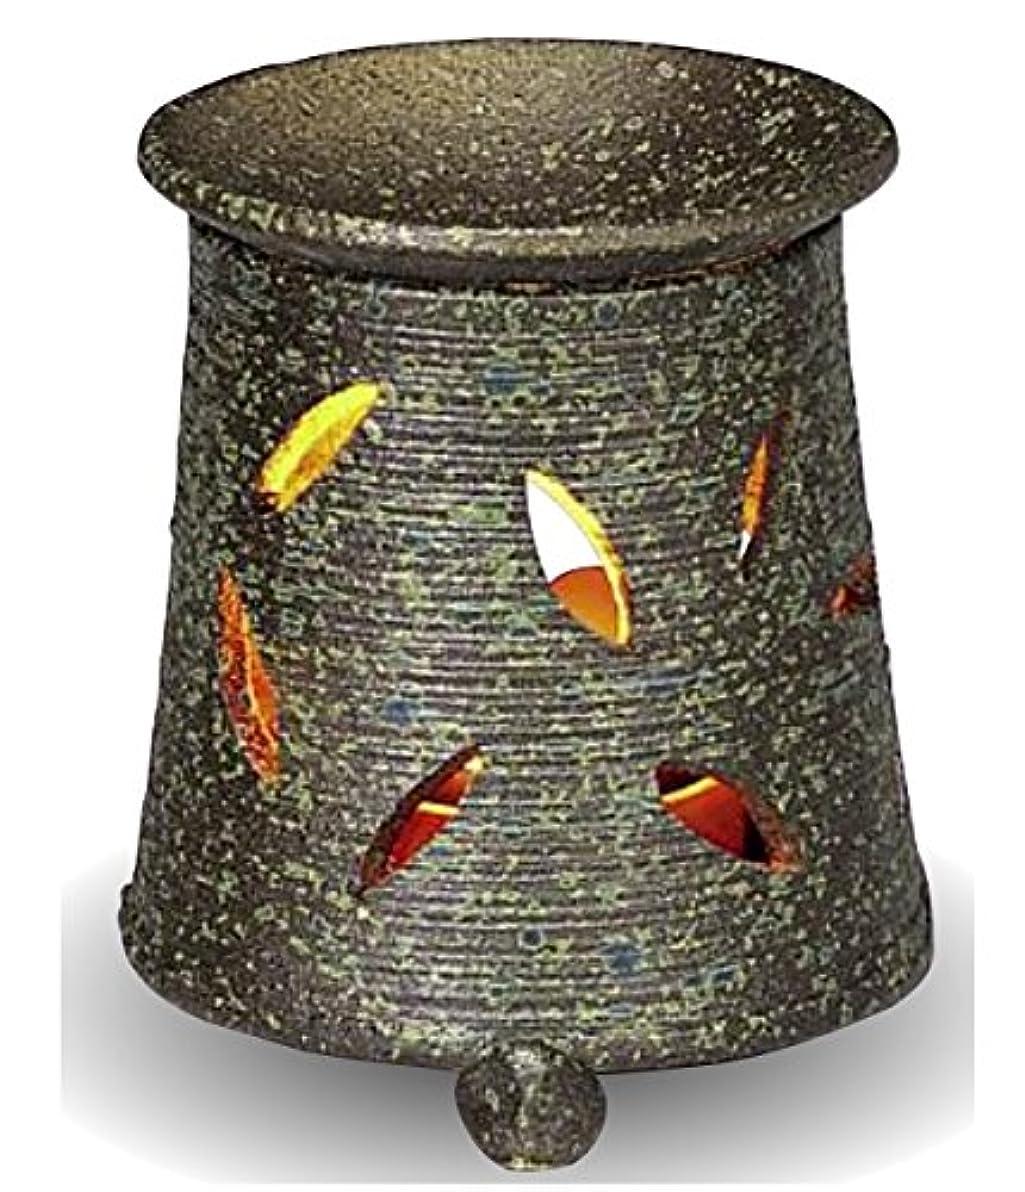 スリップシューズパニックエミュレーション常滑焼 茶香炉(アロマポット)径9.5×高さ10.5cm